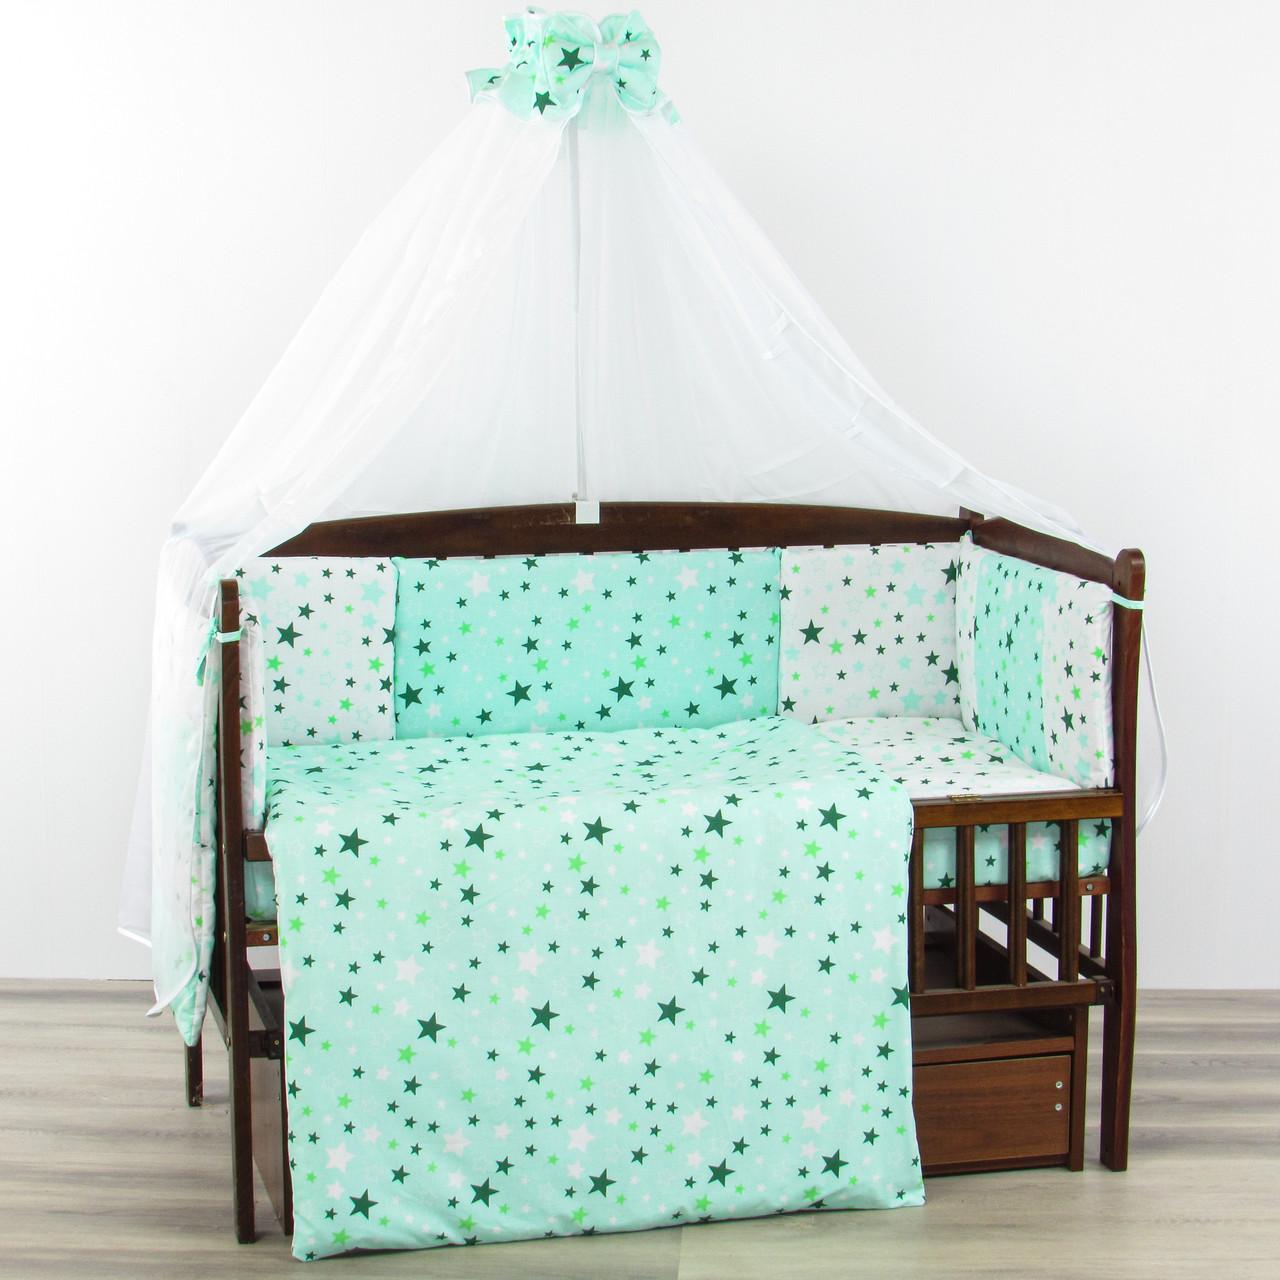 Комплект 8 предметов большие звездочки бирюзового цвета бортики подушки